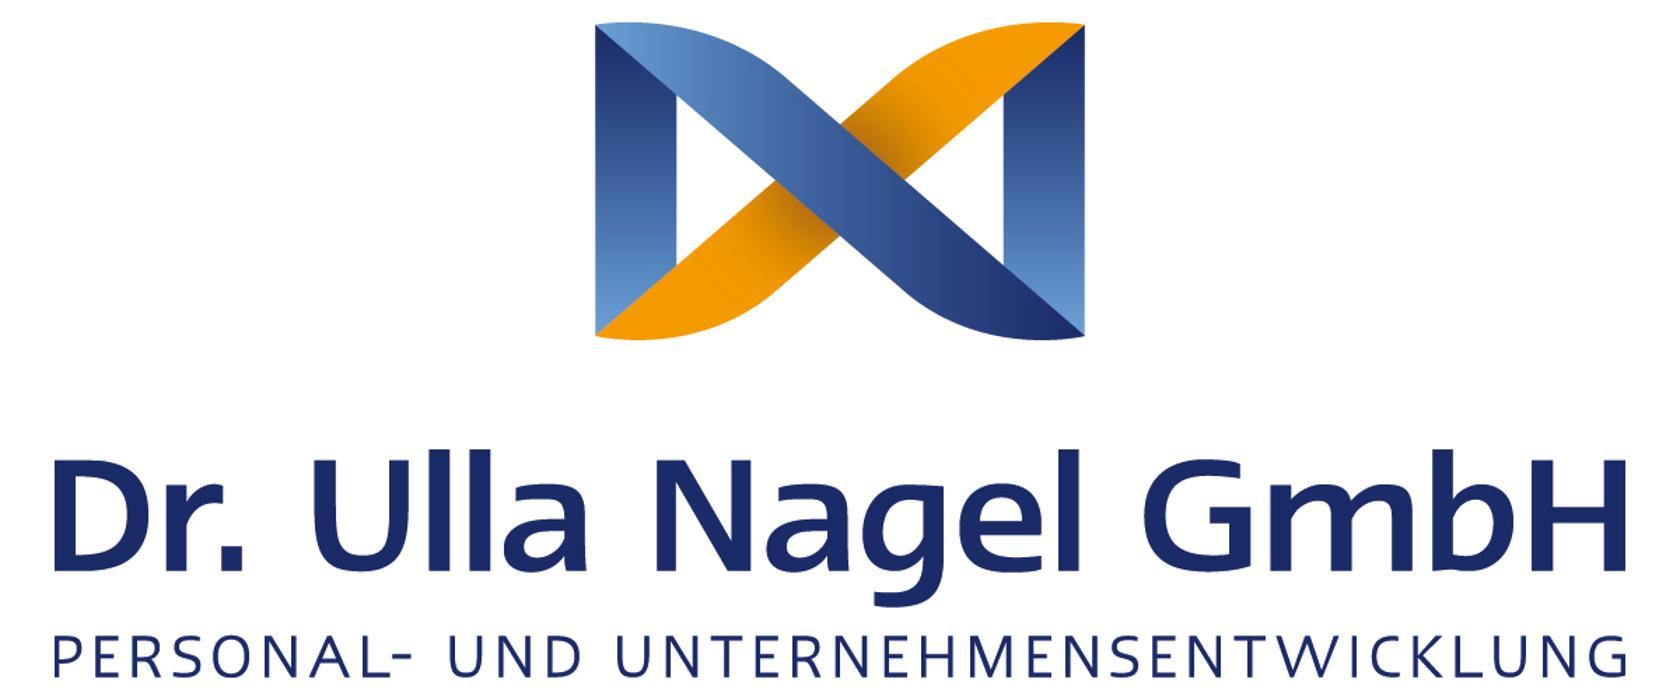 Bild zu Dr. Ulla Nagel GmbH - Personal- und Unternehmensentwicklung in Dresden